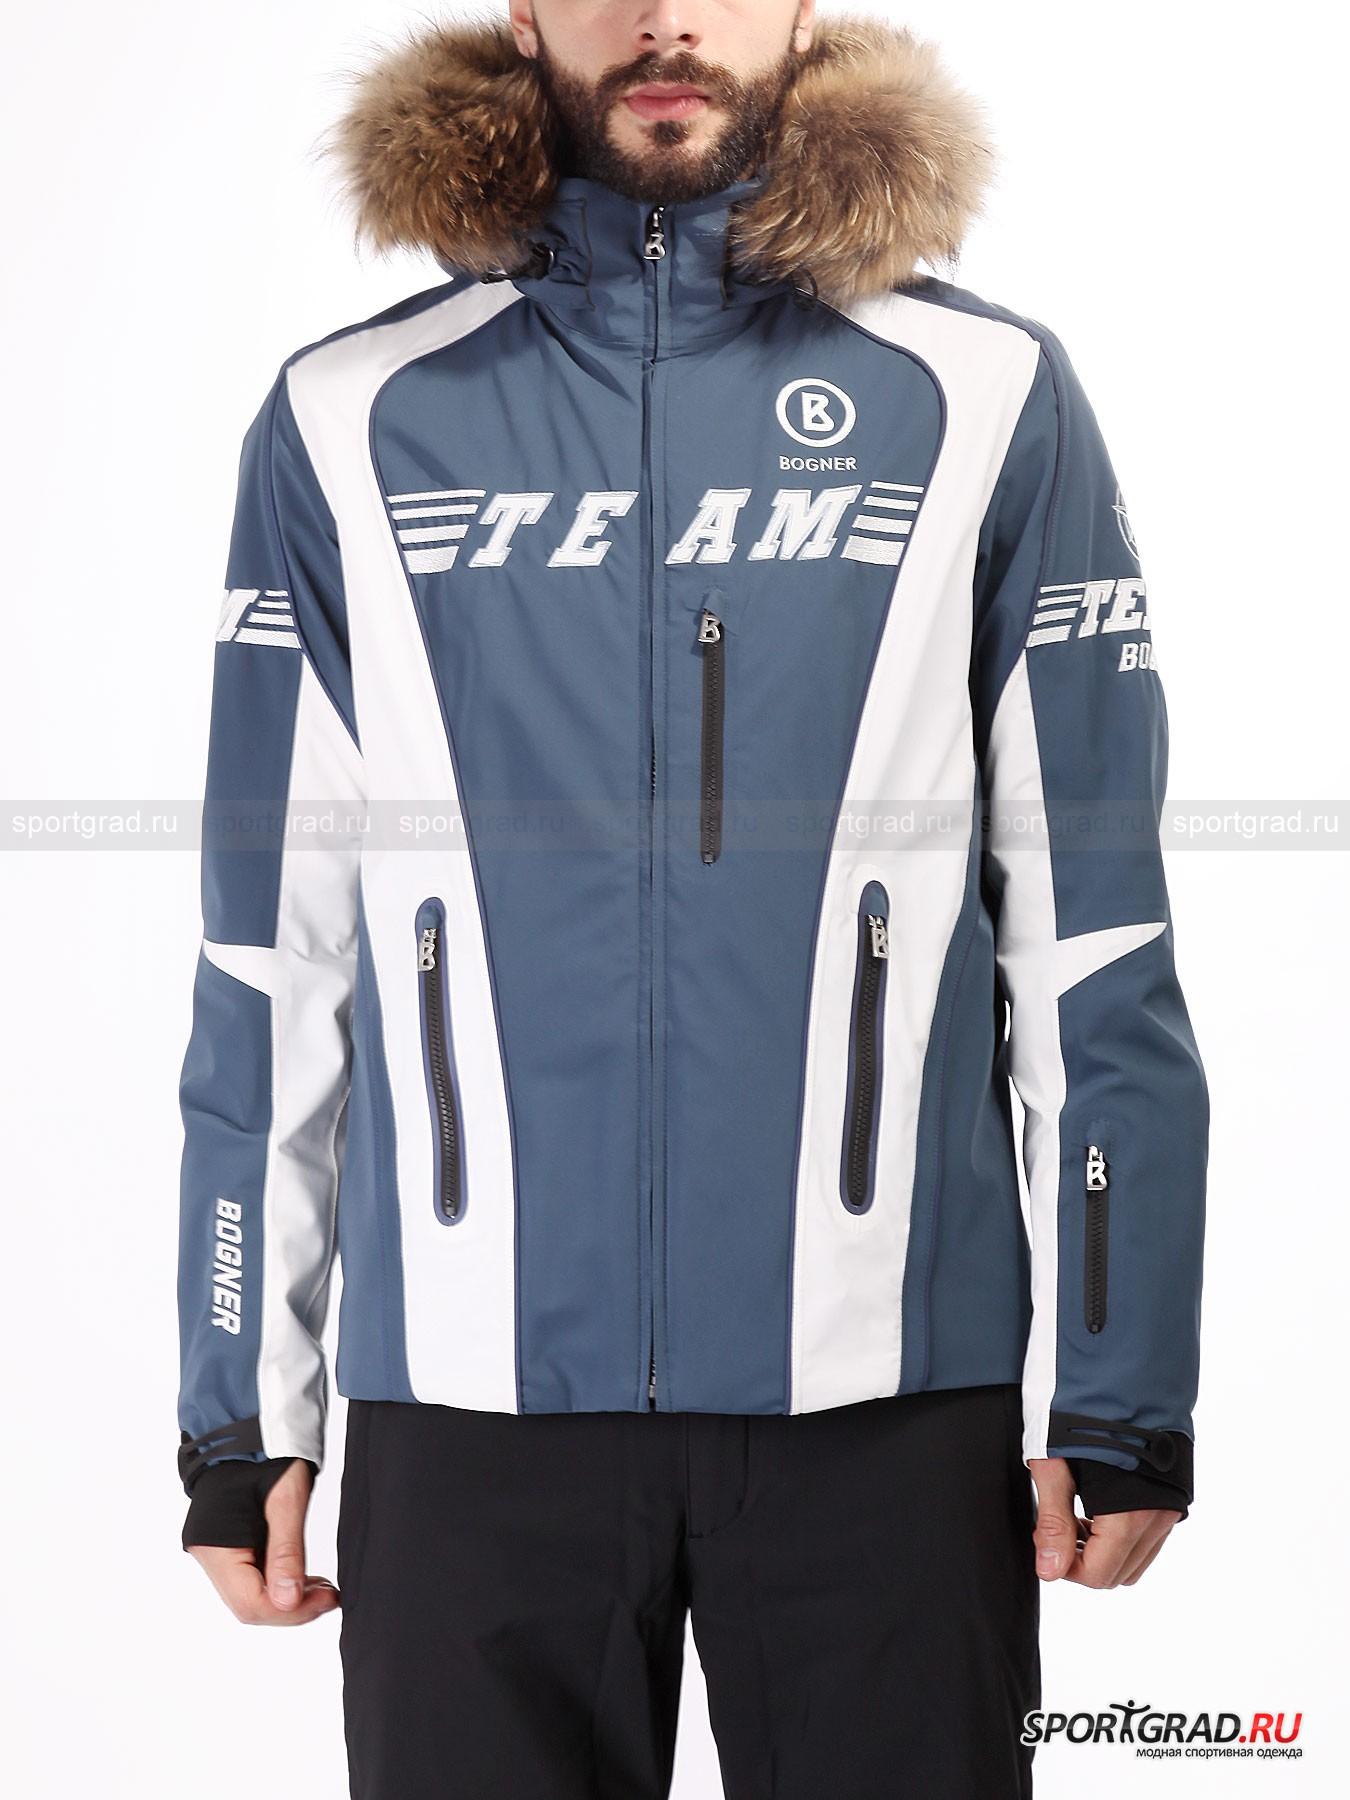 Куртка горнолыжная мужская Keano-T BOGNERКуртки<br>Горнолыжная куртка Keano-T Bogner выдает спортивный характер с первого взгляда. Это модель для тех, кто приехал в горы не просто покататься в свое удовольствие, а достичь высот в этом виде спорта и ценит функциональность не меньше, чем внешний вид.<br><br>Куртка не промокает, не продувается и обеспечивает правильный теплообмен, так что в такой вещи будет удобно провести на склоне хоть целый день. А стильный яркий дизайн выдаст в обладателе куртки настоящего поклонника горных лыж и Bogner.<br><br>Особенности модели:<br>- влагозашита 20000 мм водяного столба;<br>- воздухопроницаемость 20000 г/м2/24ч;<br>- швы полностью проклеены;<br>- фронтальная молния по всей длине;<br>- высокий воротник;<br>- отстегивающийся капюшон с утяжкой, который можно дополнить мехом (приобретается отдельно);<br>- четыре внешних кармана: три спереди и один на рукаве;<br>- два внутренних кармана: один сетчатый накладной, другой на молнии;<br>-эластичные манжеты с прорезями для больших пальцев;<br>- объем внешних манжет регулируется липучкой;<br>- снегозащитная «юбка»;<br>- утяжка по низу изнутри;<br>- фирменные нашивки Bogner.<br><br>Пол: Мужской<br>Возраст: Взрослый<br>Тип: Куртки<br>Рекомендации по уходу: Деликатная стирка при 30 С, не отбеливать, гладить при температуре до 110 С; щадящая влажная чистка; нельзя выжимать сушить в стиральной машине.<br>Состав: Материал верха 88% полиамид, 12% эластан; подкладка 1) 88% полиэстер, 12% эластан 2) 100% полиэстер